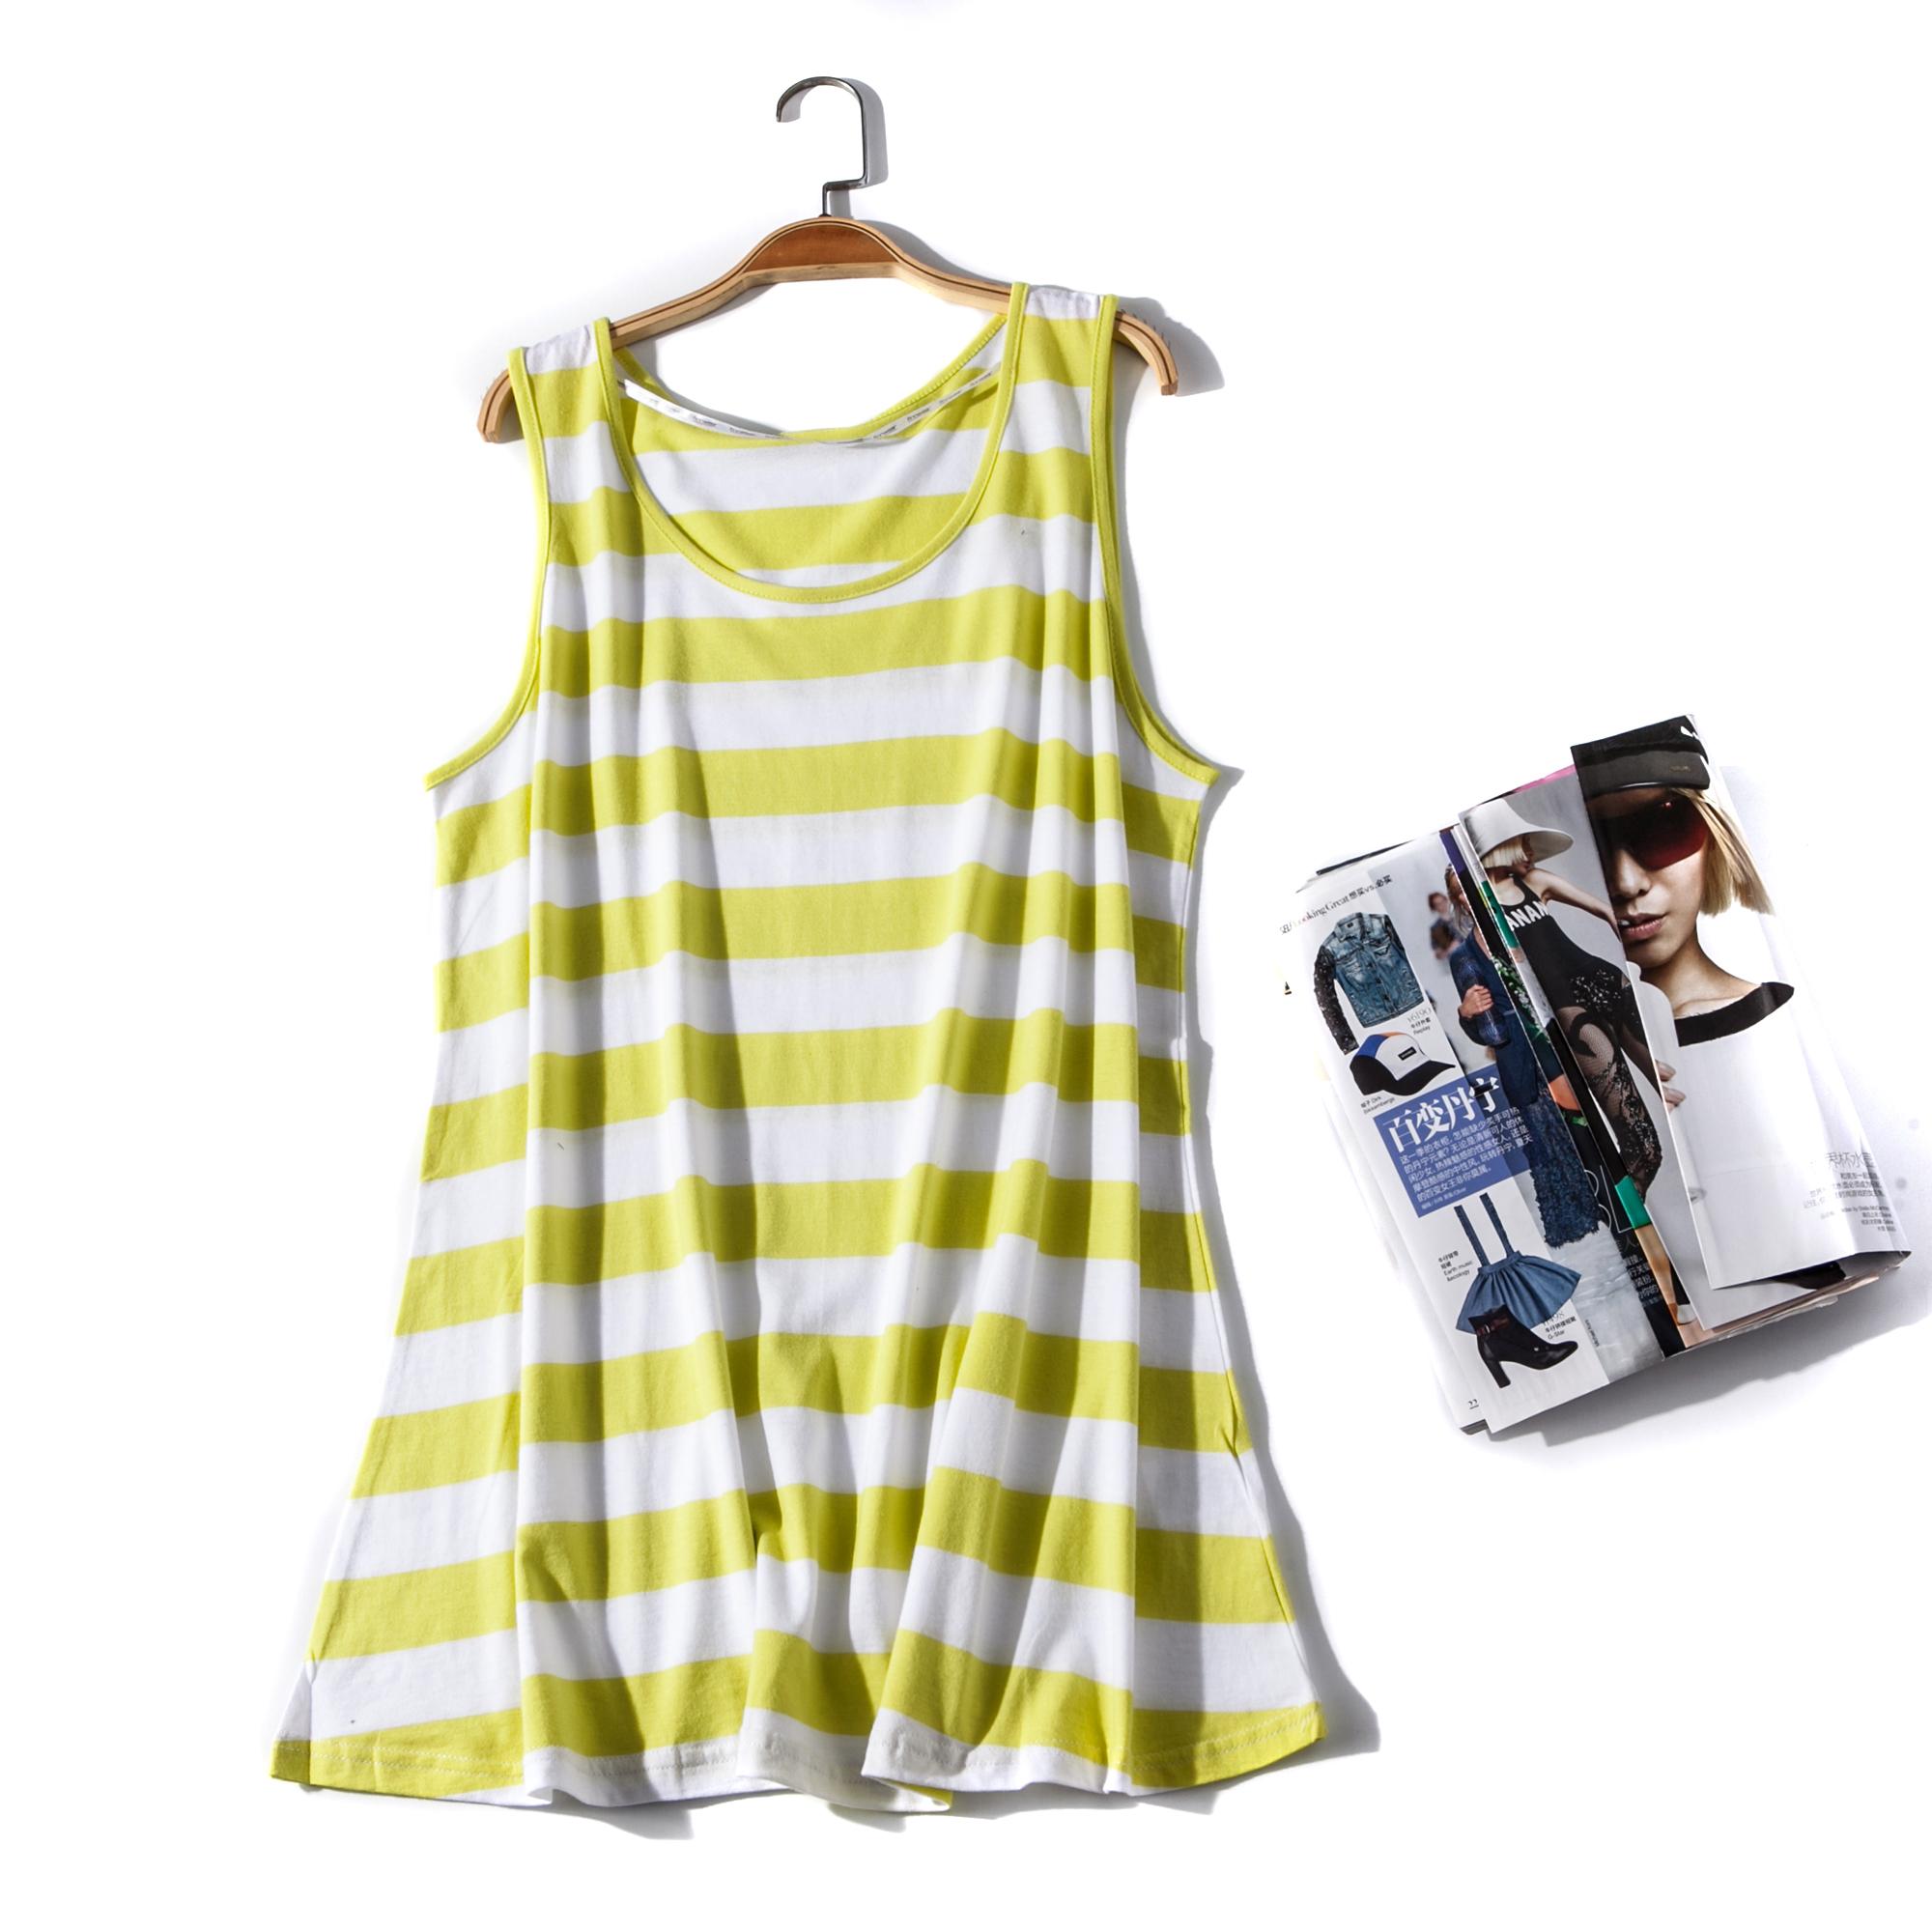 出口欧美单女装胸围88-100cm 圆领无袖T恤女大码条纹背心G224